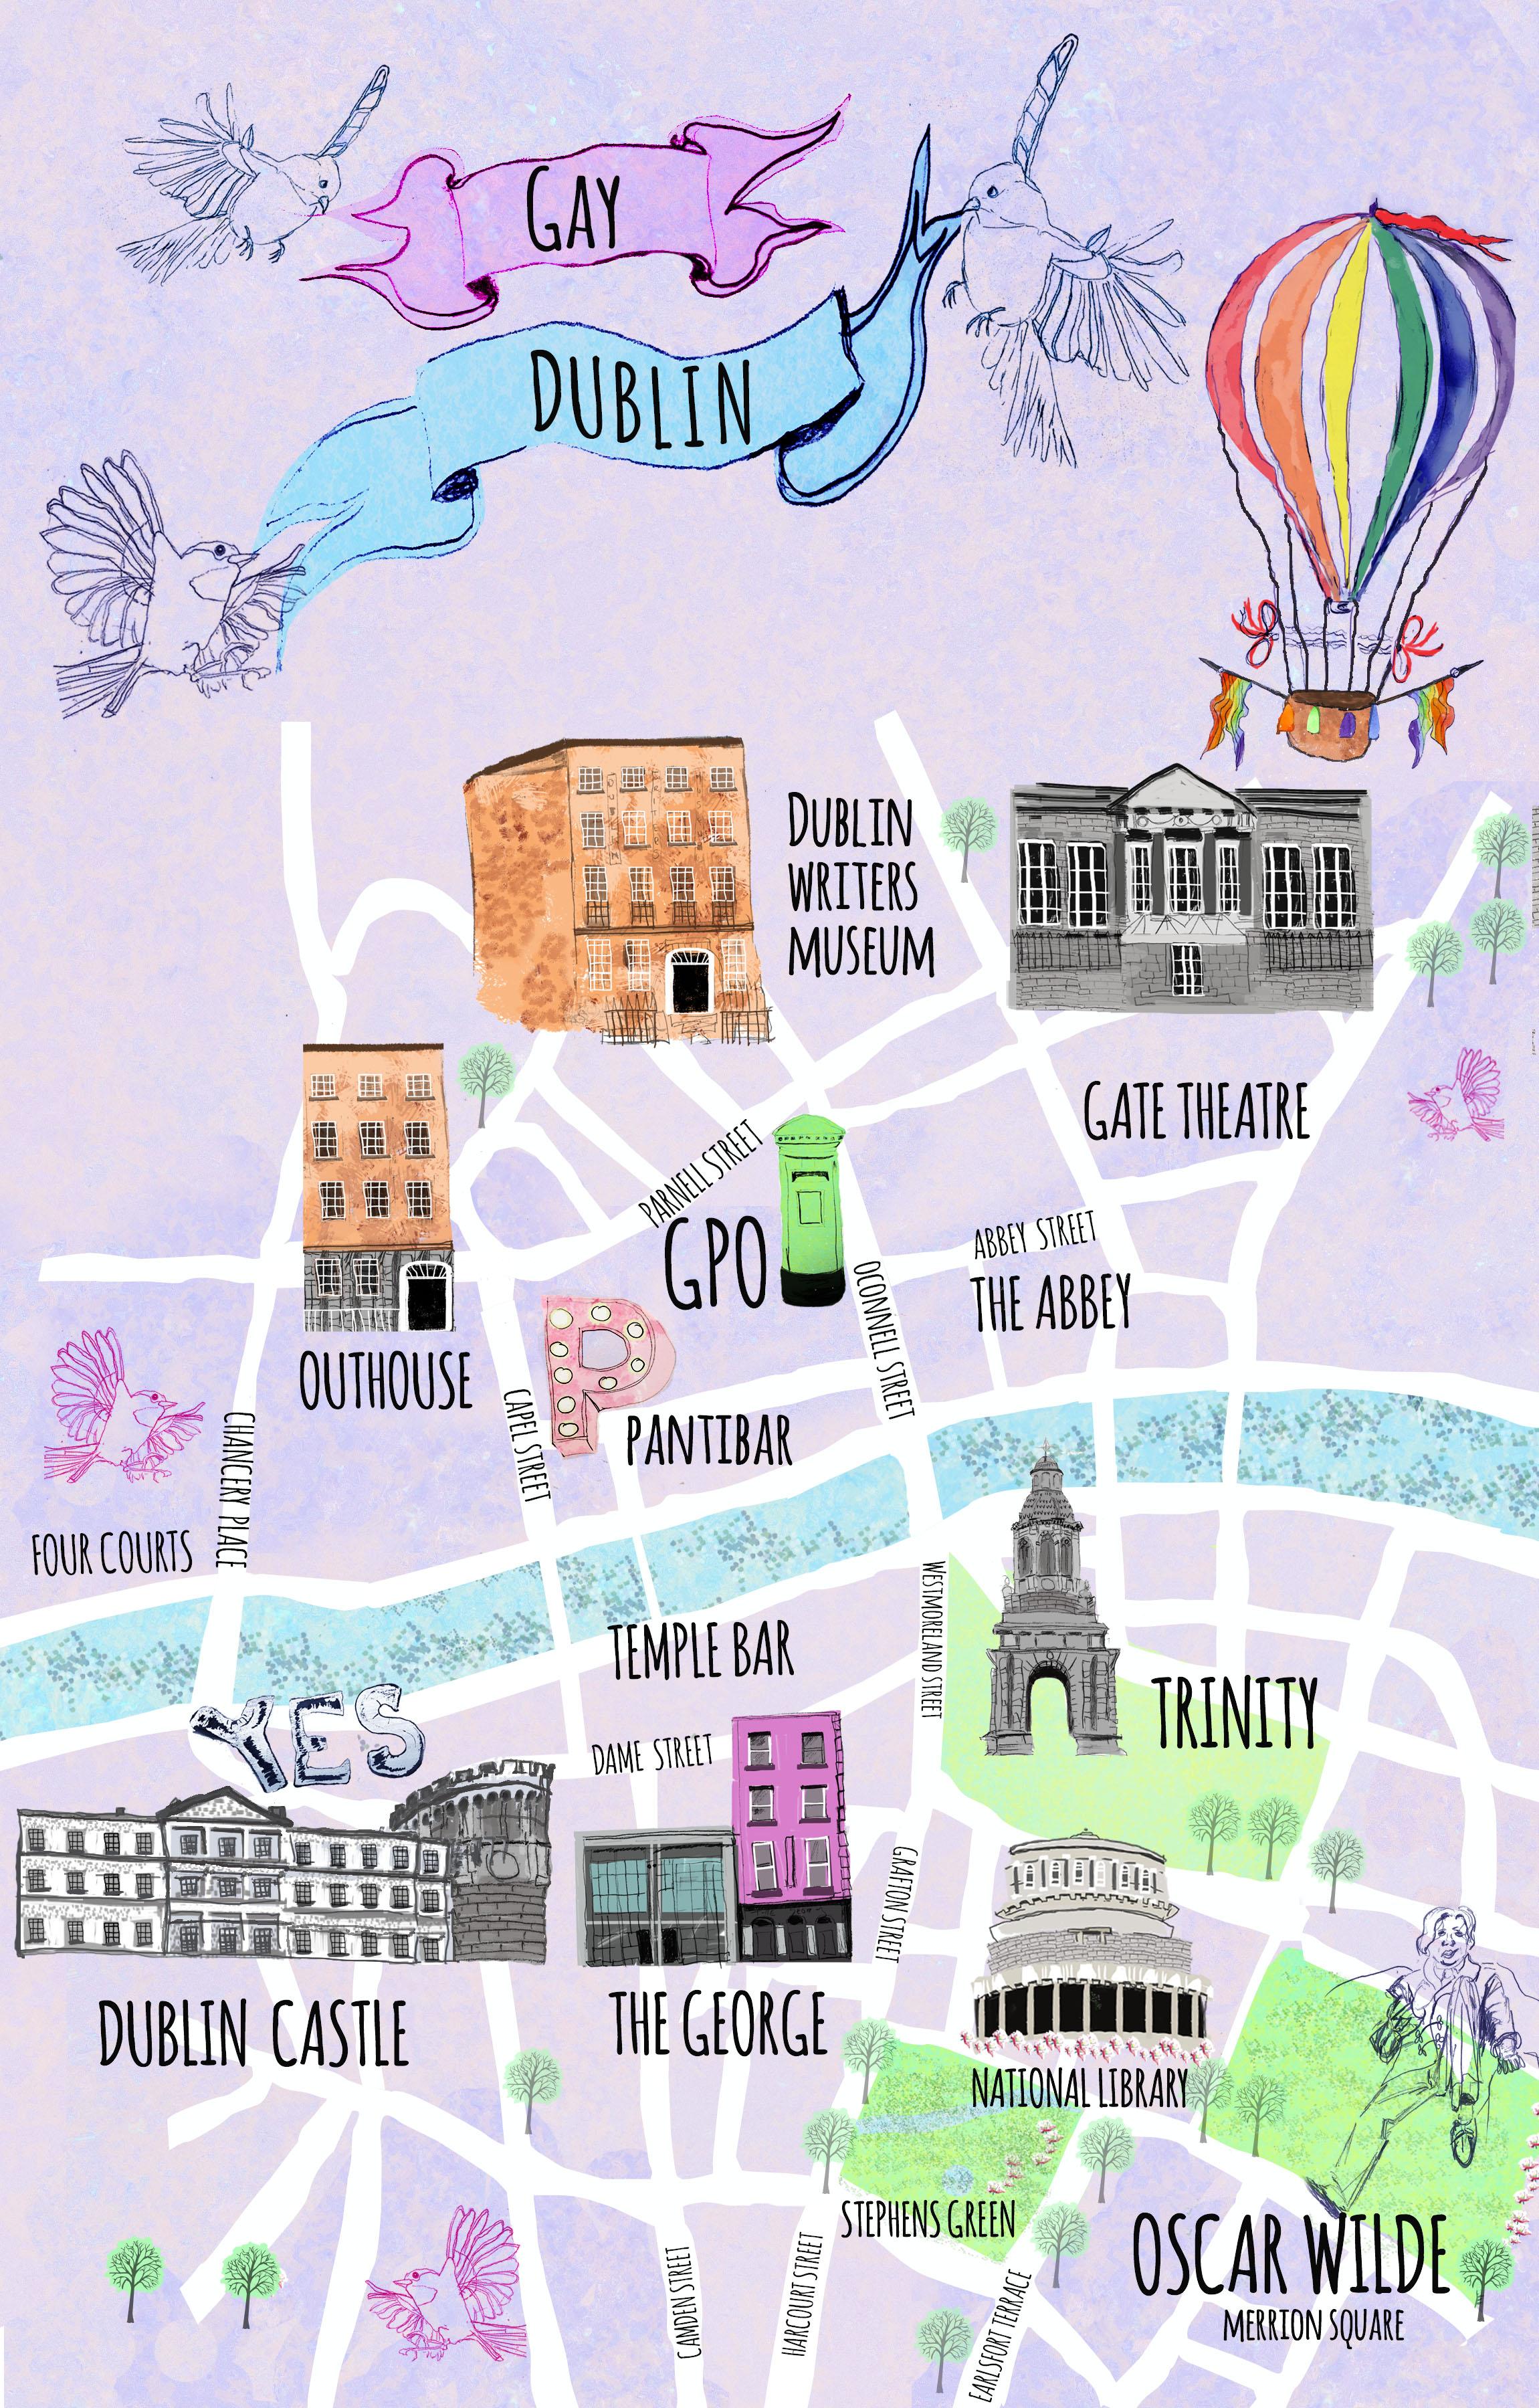 Visit-Dublin-Illustration-2.jpg